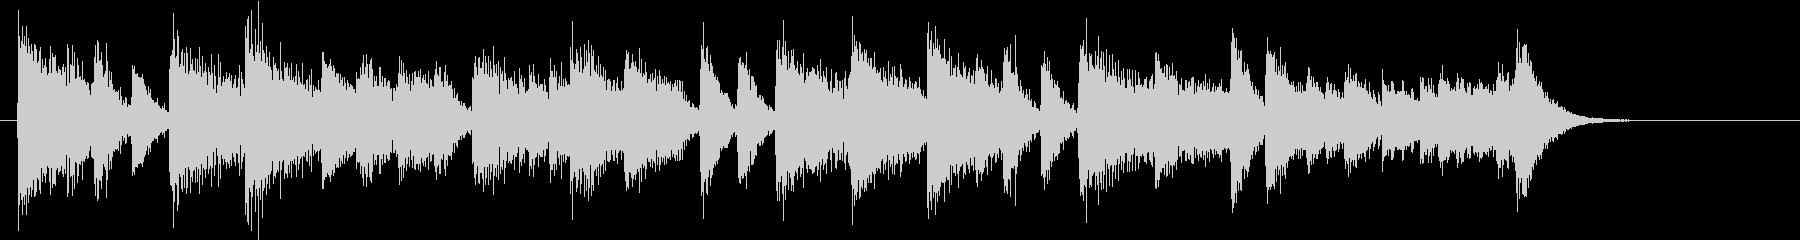 童謡・紅葉モチーフのピアノジングルBの未再生の波形